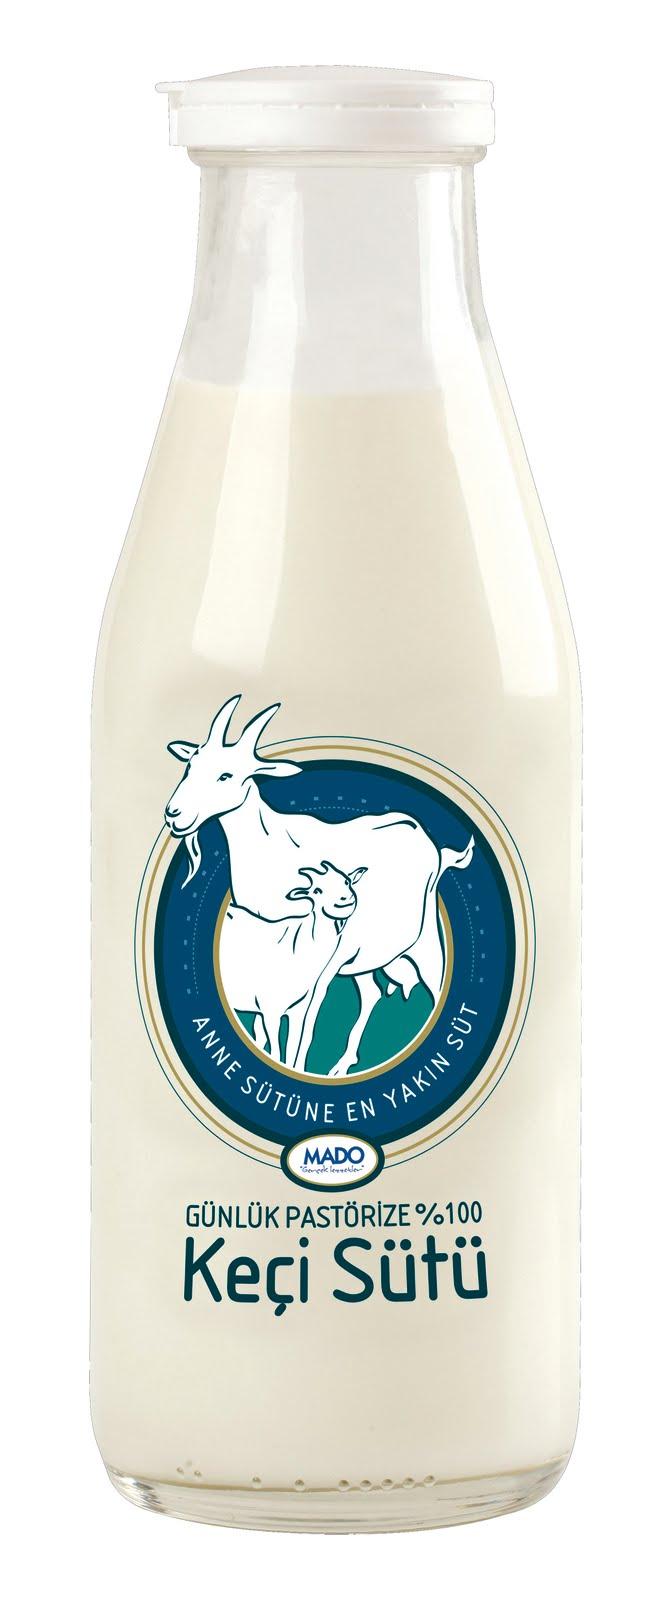 Keçi Sütünün Faydaları Tadı ve İçeriği